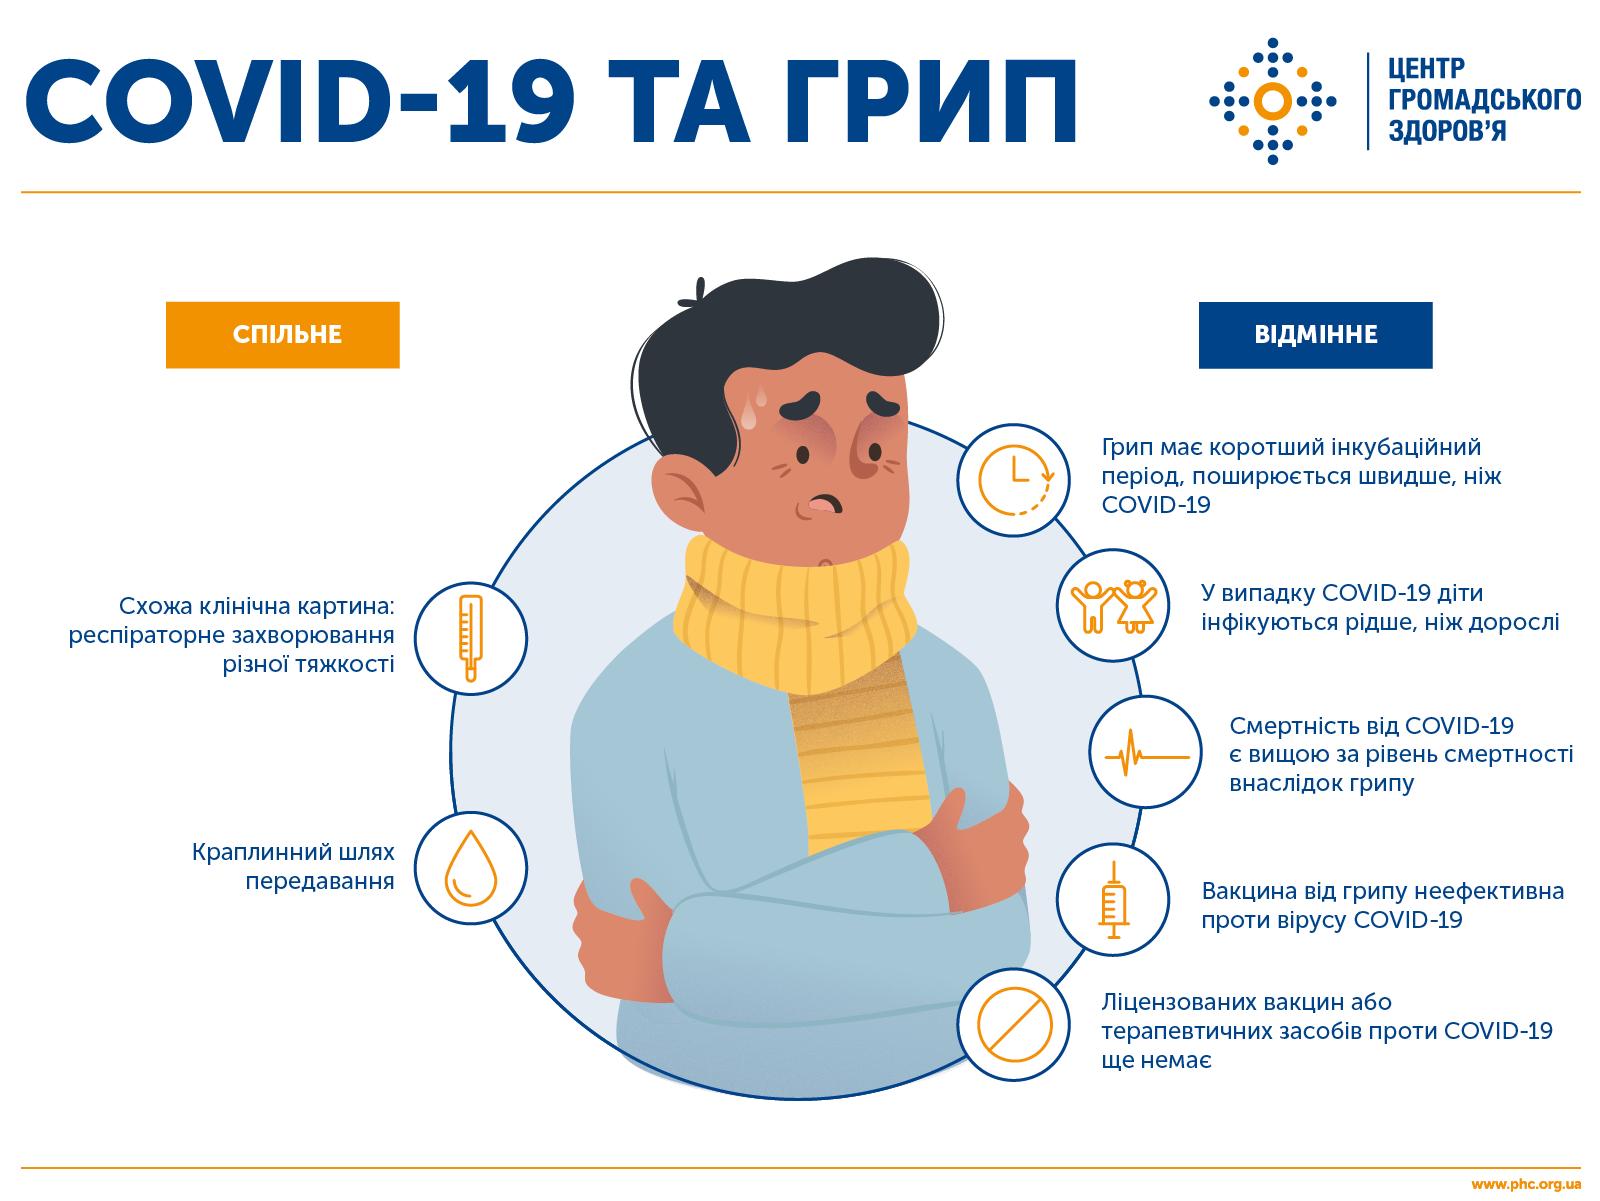 Симптомы коронавируса covid-19, как отличить от других орви